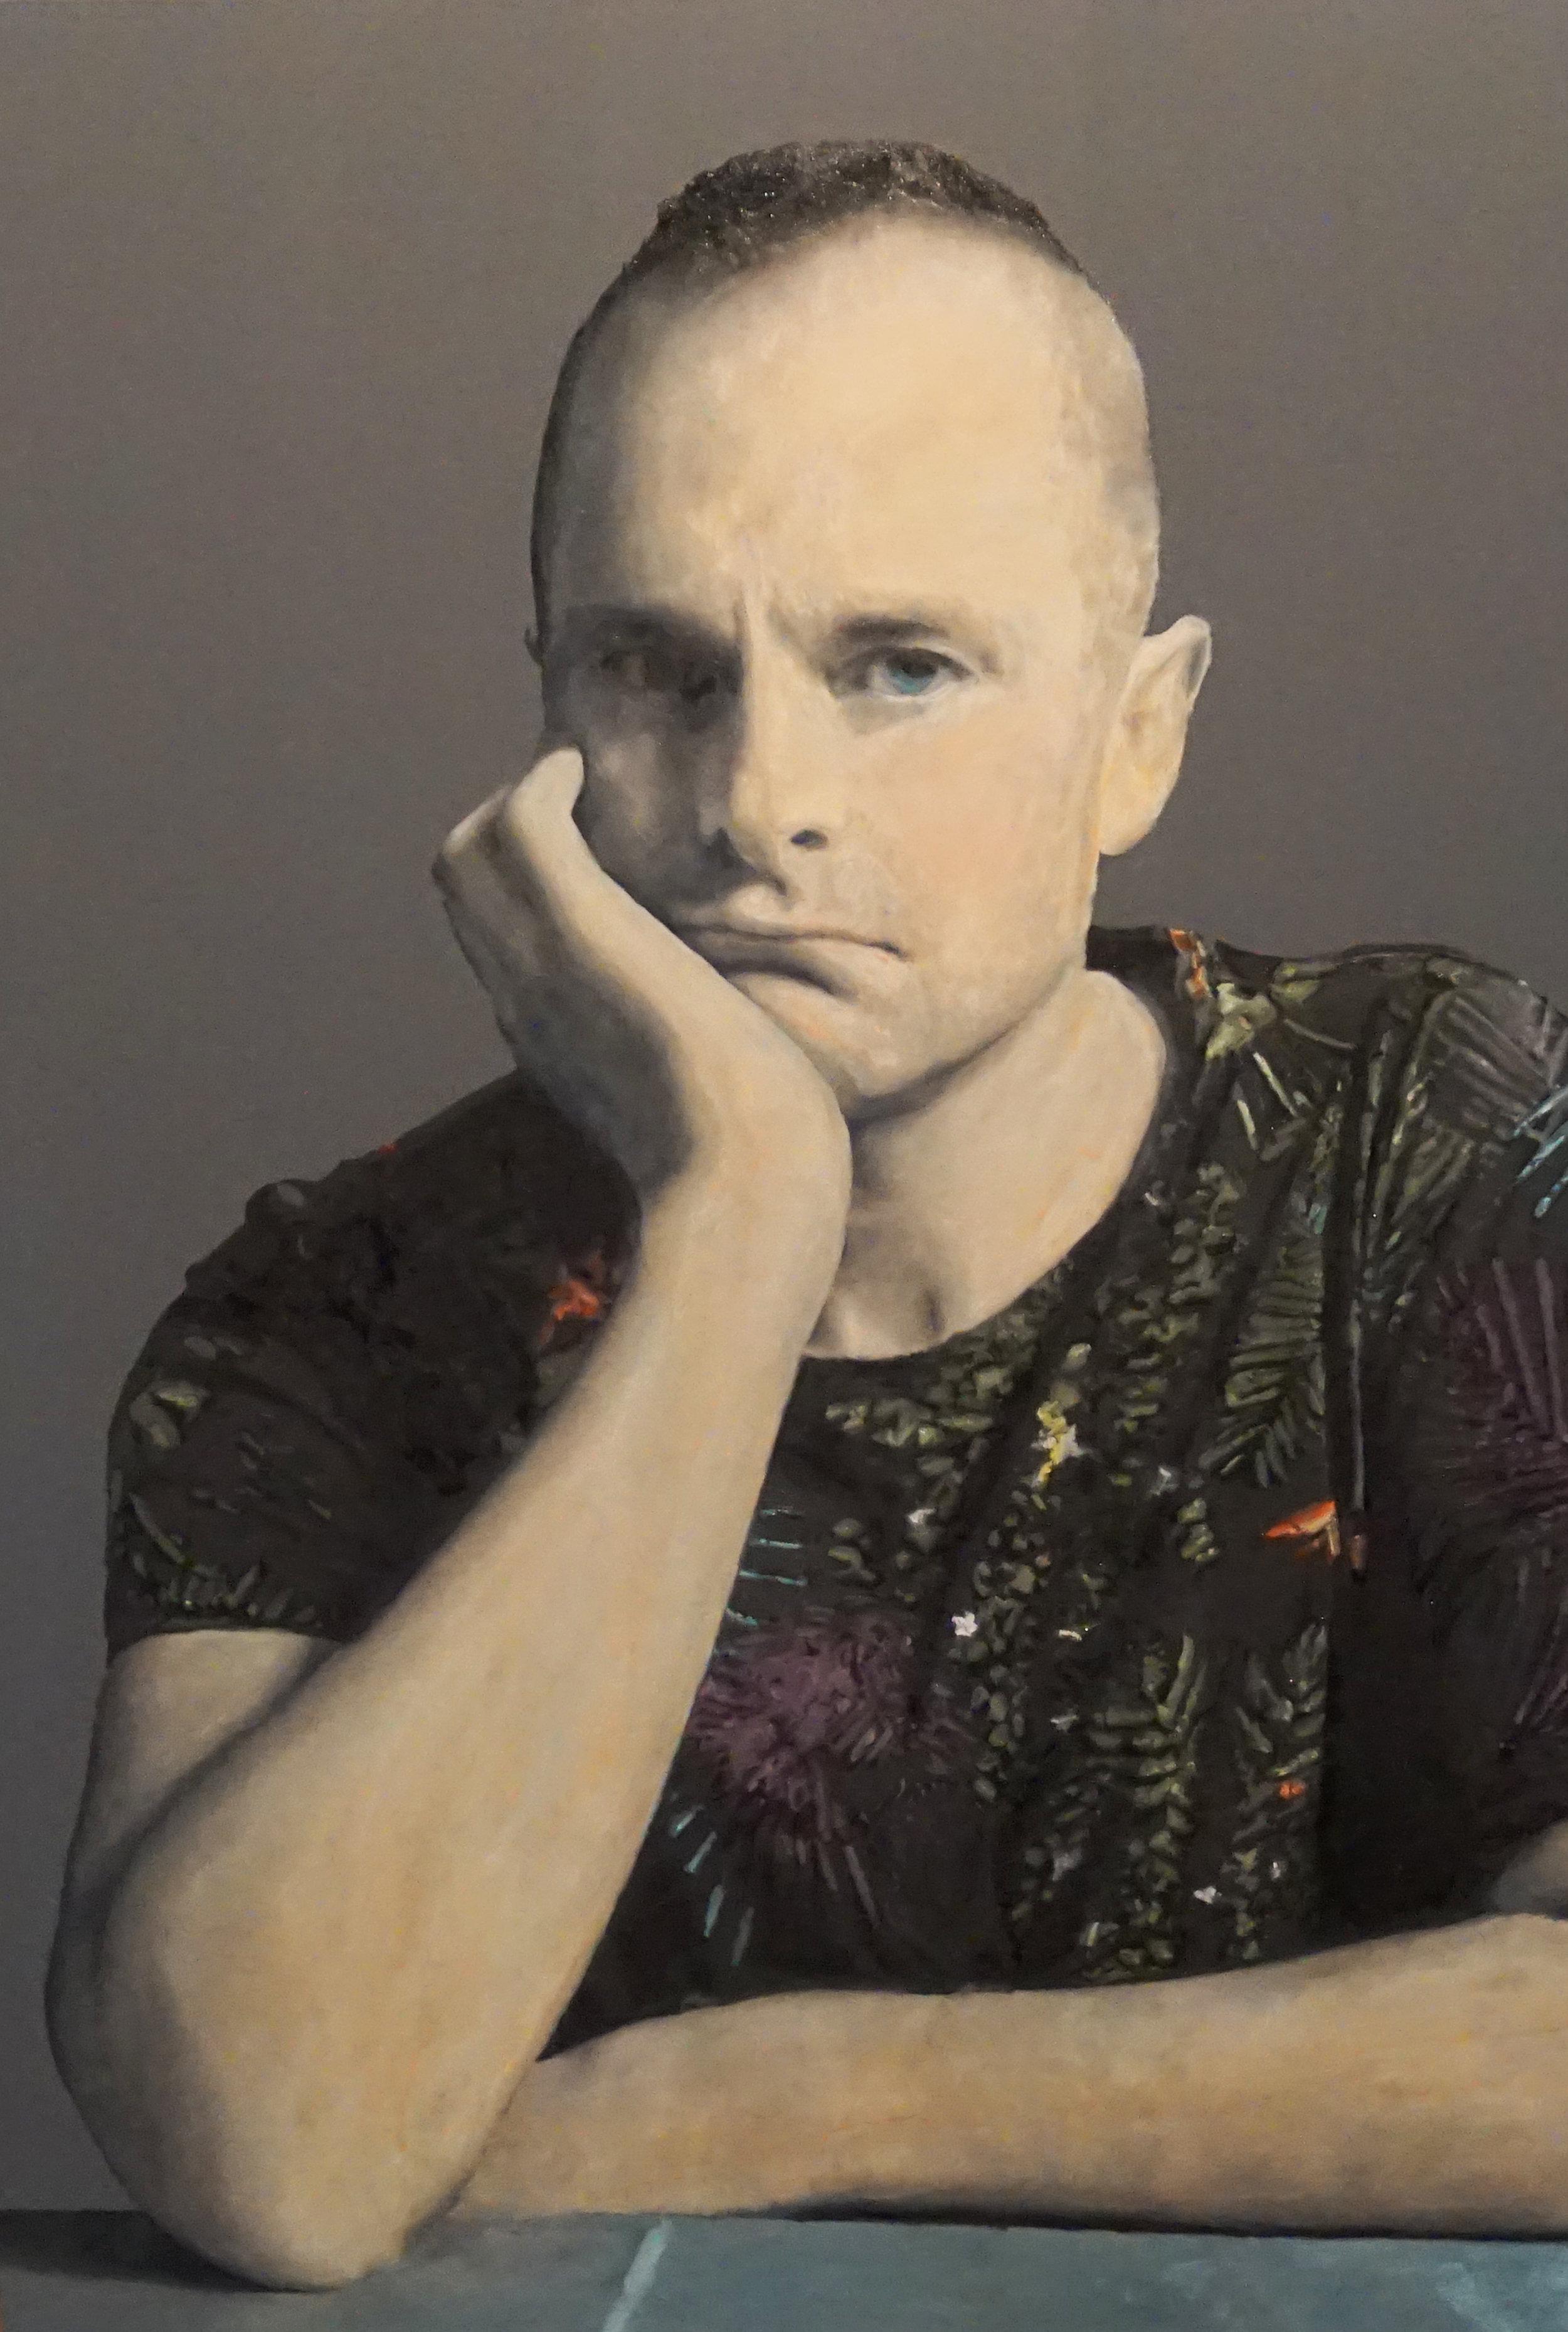 Self-portrait of Jesse Waugh   Melancholia